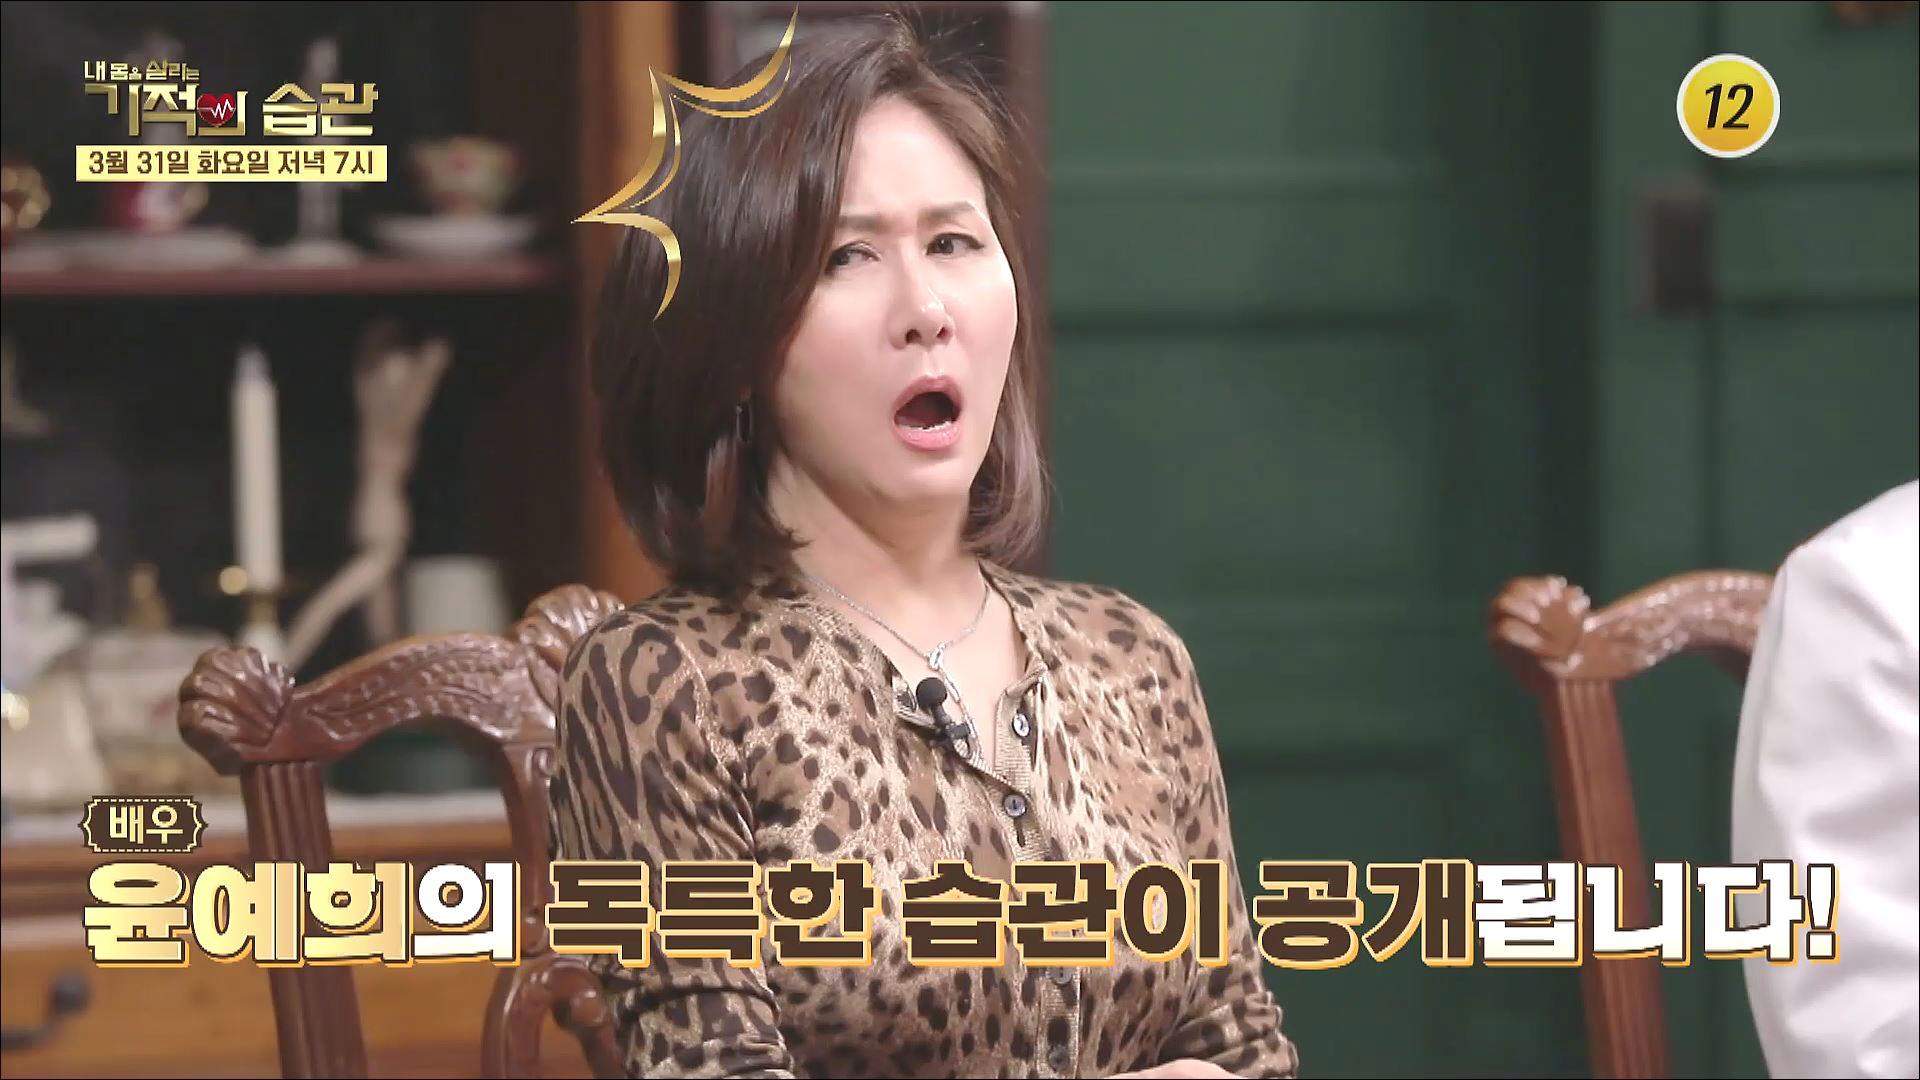 배우 윤예희의 독특한 습관이 공개됩니다!_기적의 습관 21회 예고 이미지